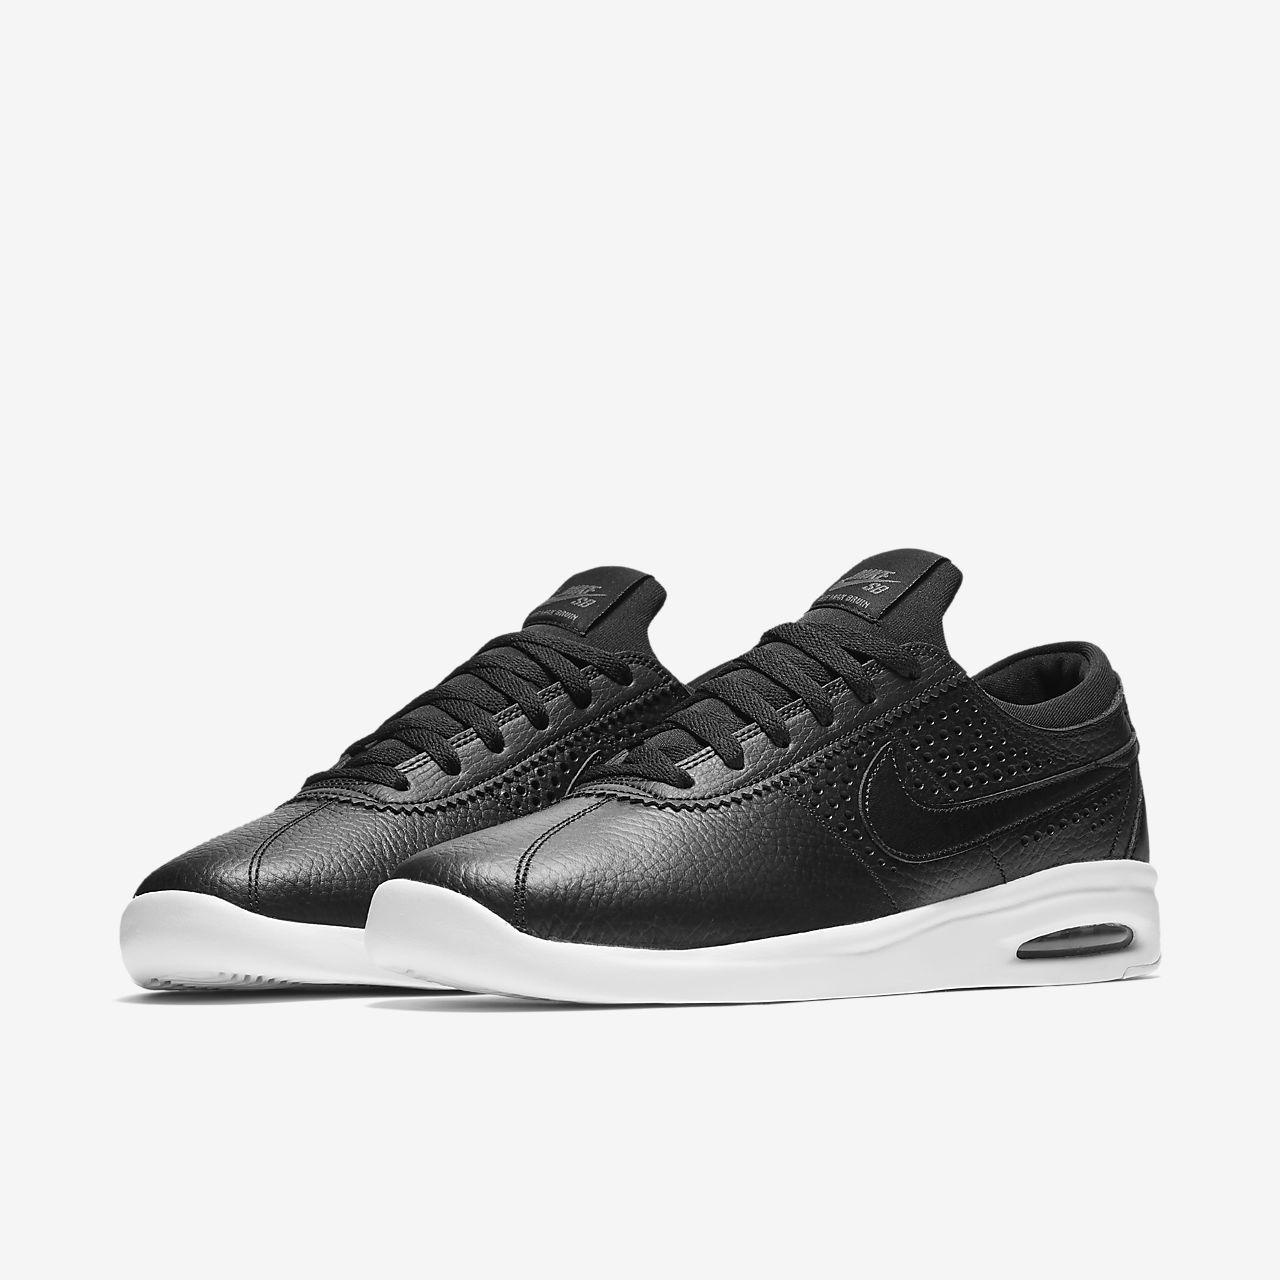 Sneakers casual grigie con allacciatura elasticizzata per donna Tech air lf2cyJCps